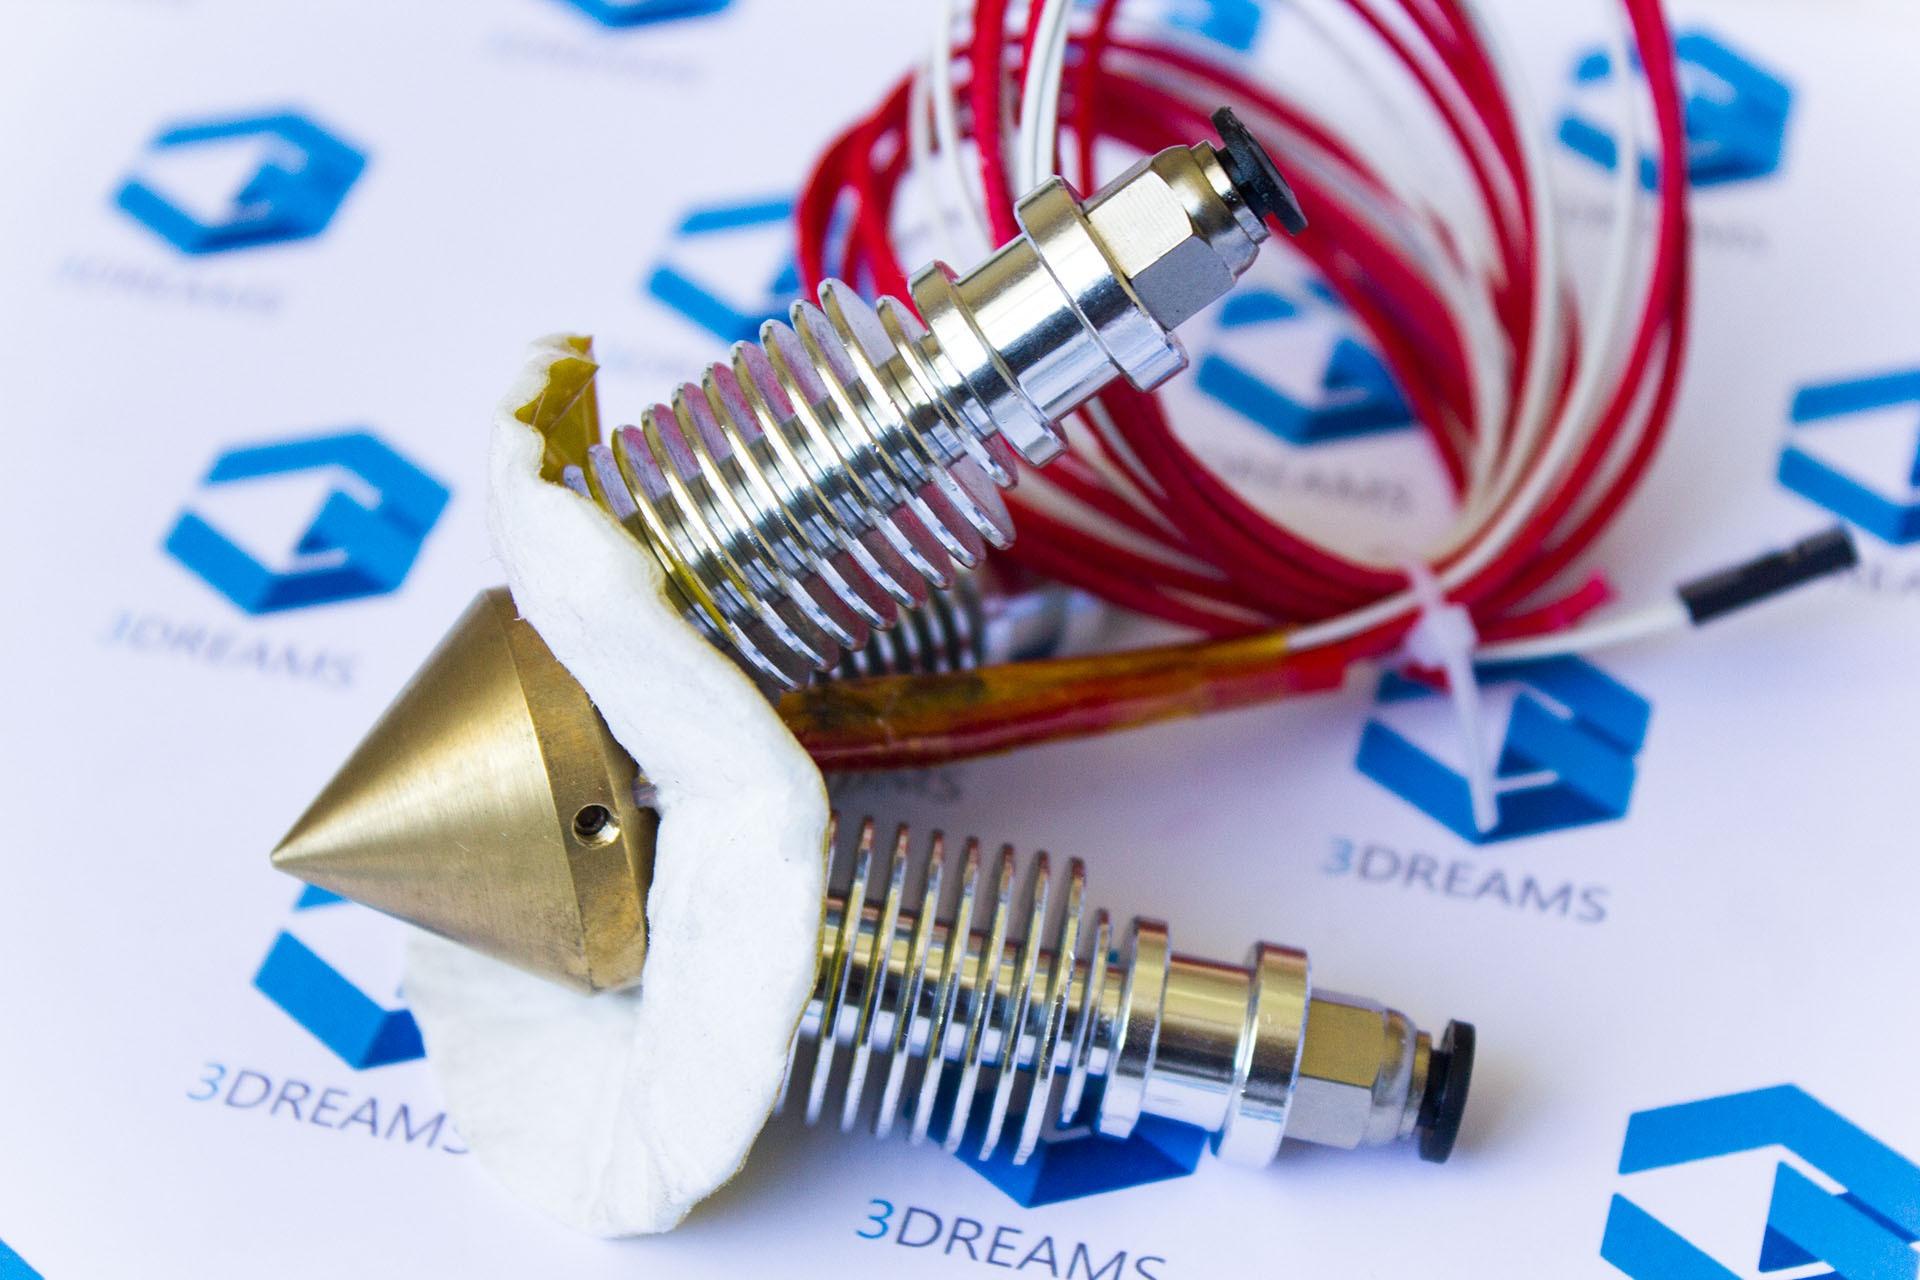 Экструдер (хотэнд) Diamond 3 в 1 для смешивания пластиков для 3D принтера купить украина 2